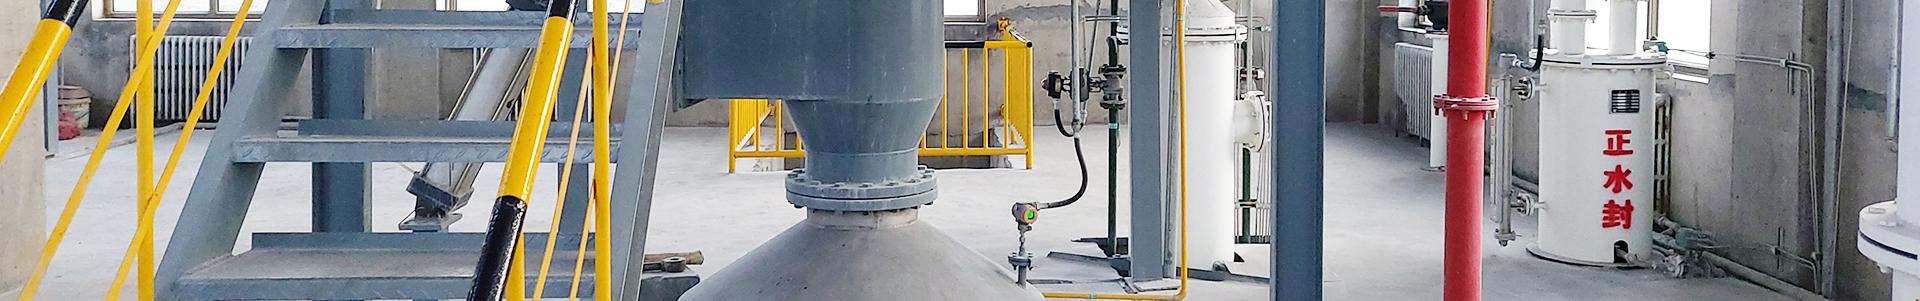 乙炔设备,乙炔自动化,乙炔生产装置